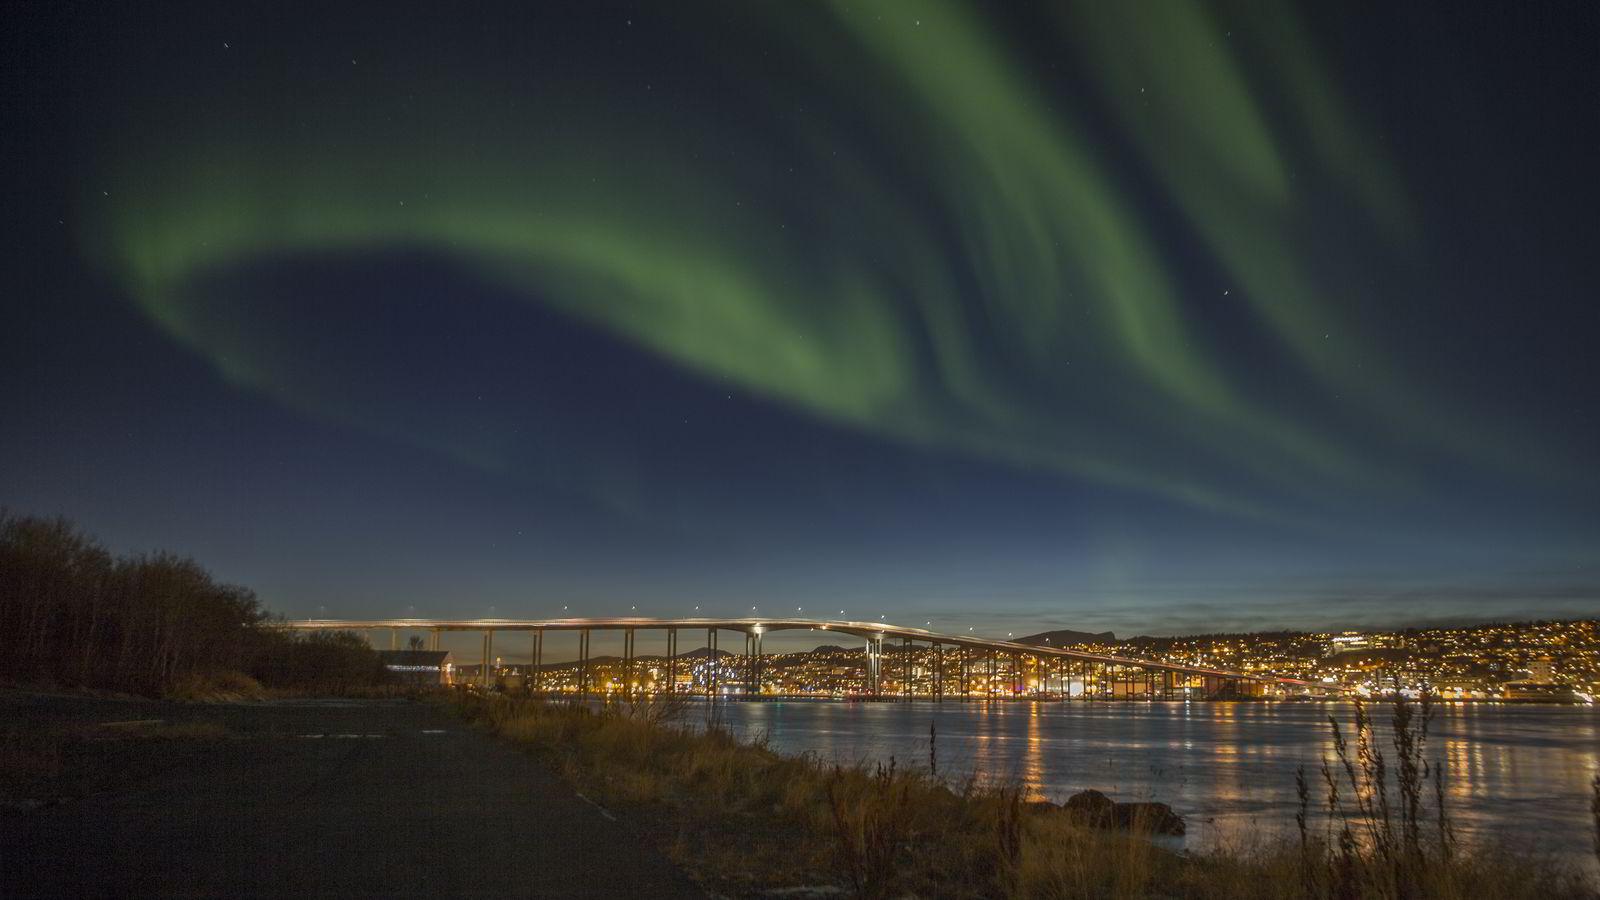 Mye aktivitet på sola gir flotte høstkvelder i form av nordlys, som her i Tromsø. Foto: Jan-Morten Bjørnbakk /